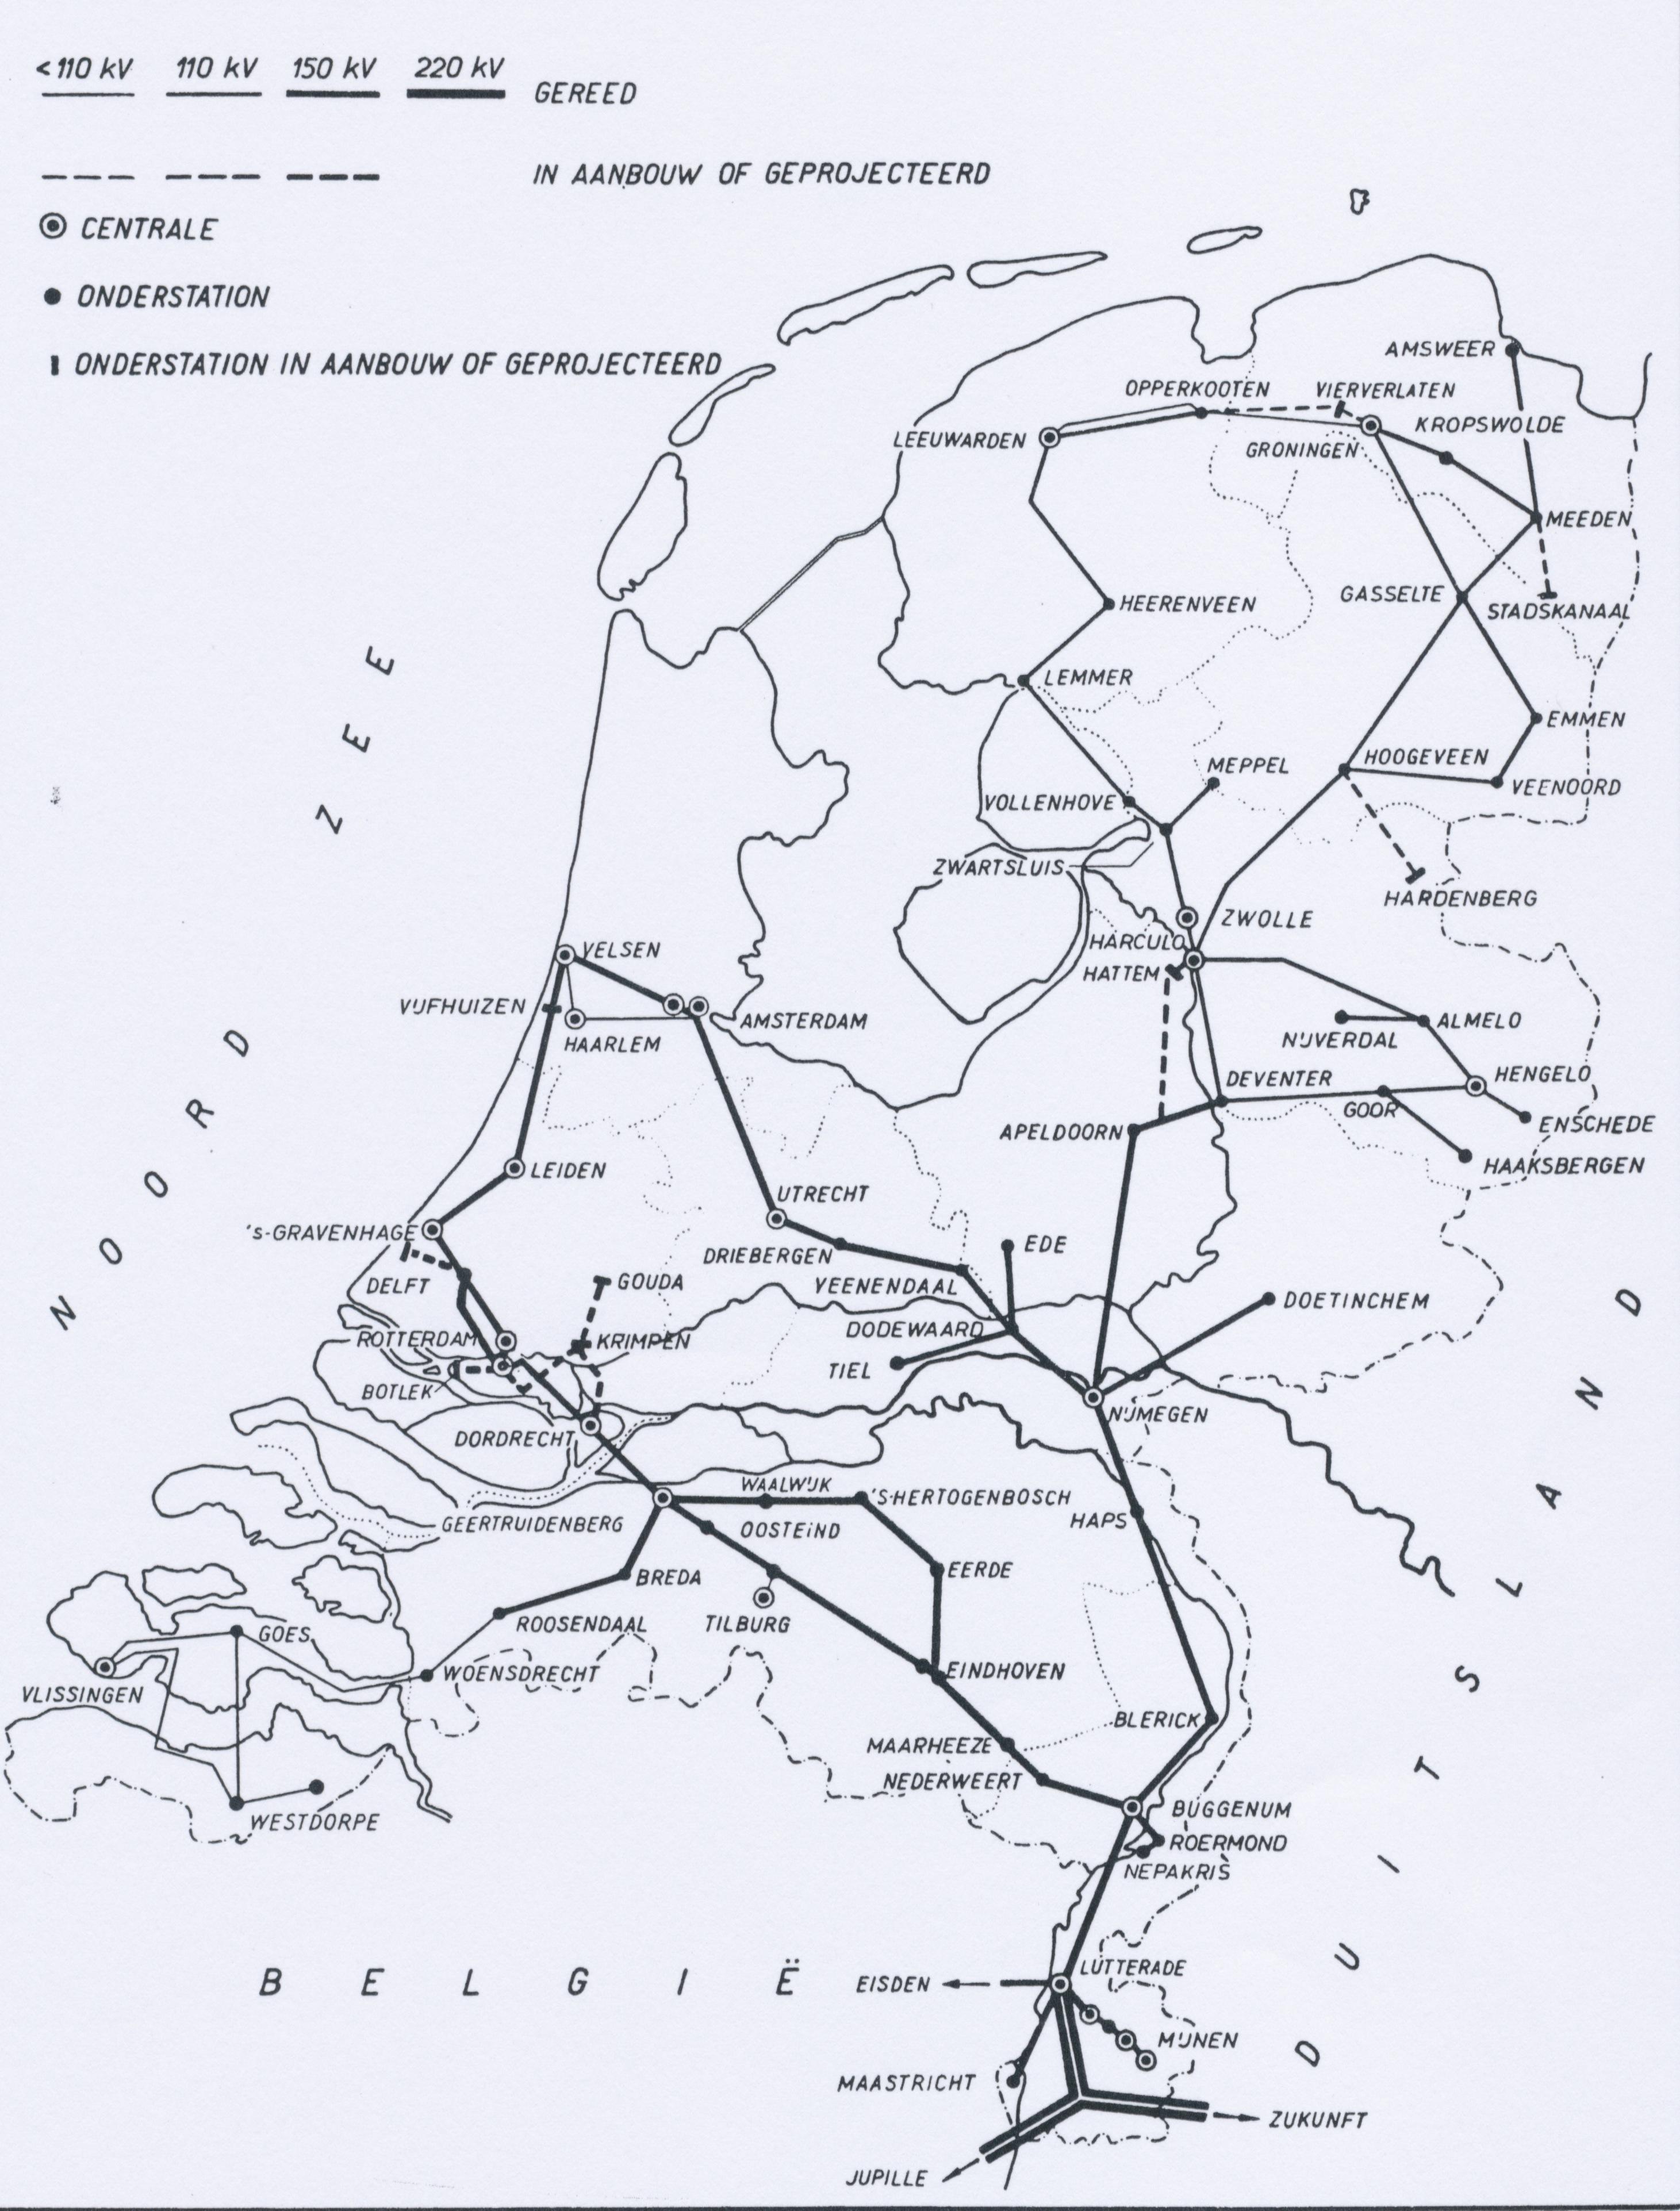 Netkaart 1959